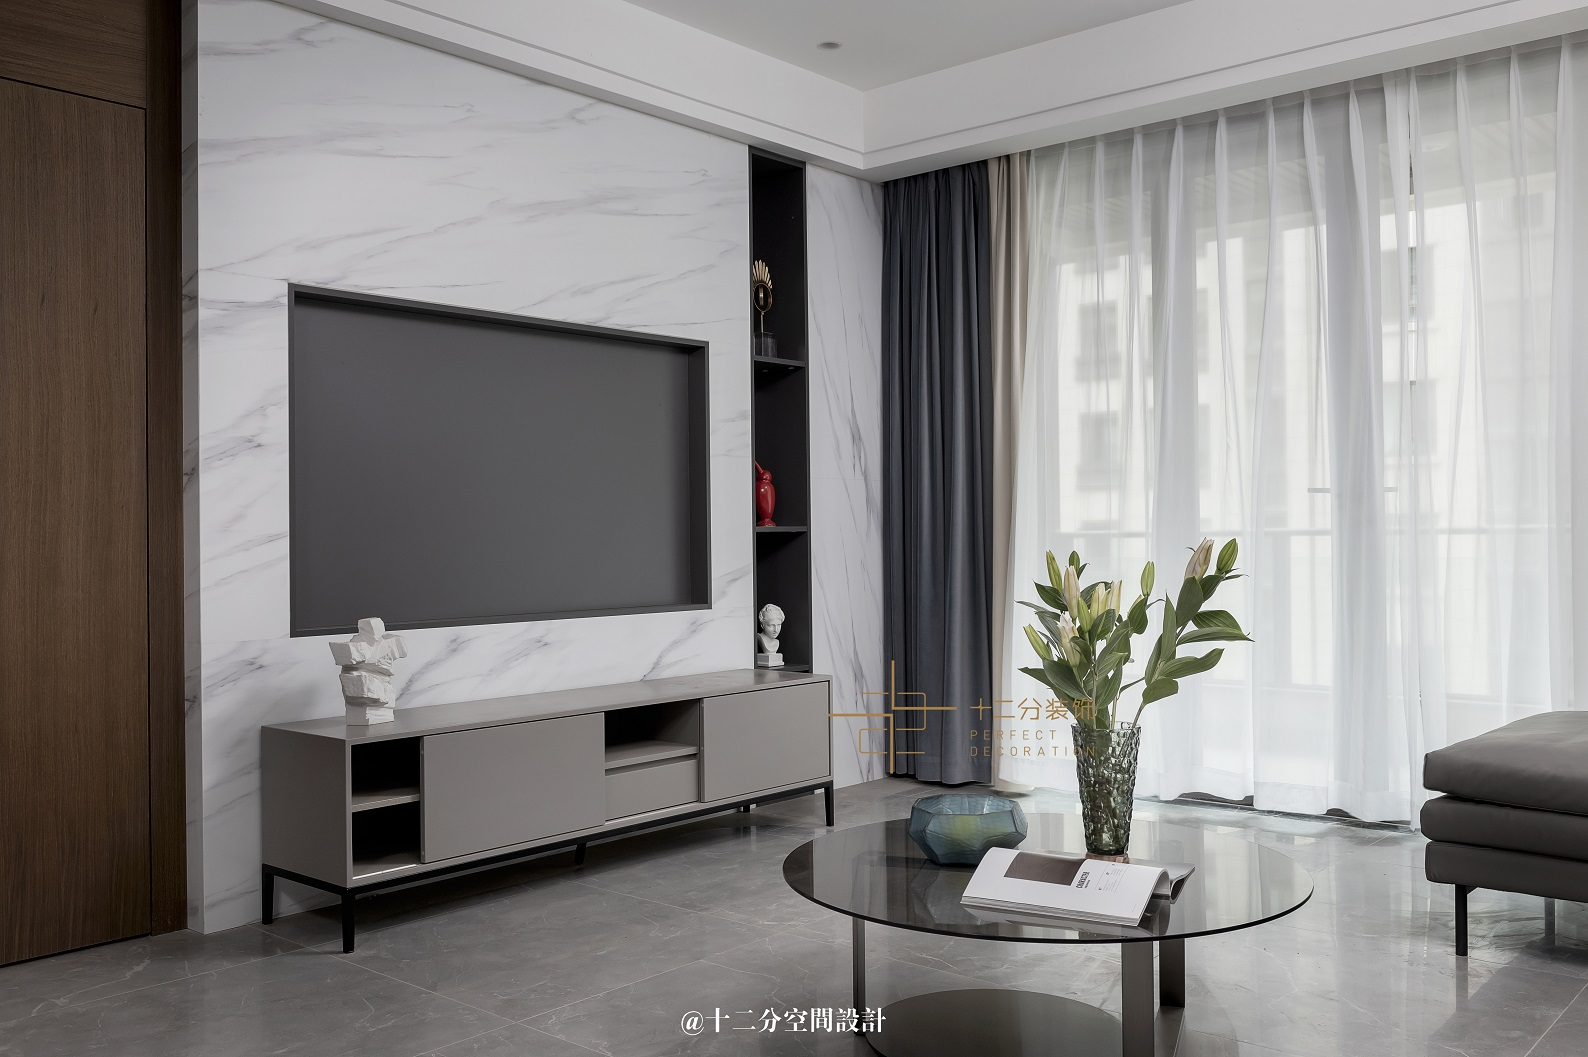 客厅背景墙的装饰材料都有哪些?常用的客厅背景墙风格有哪些